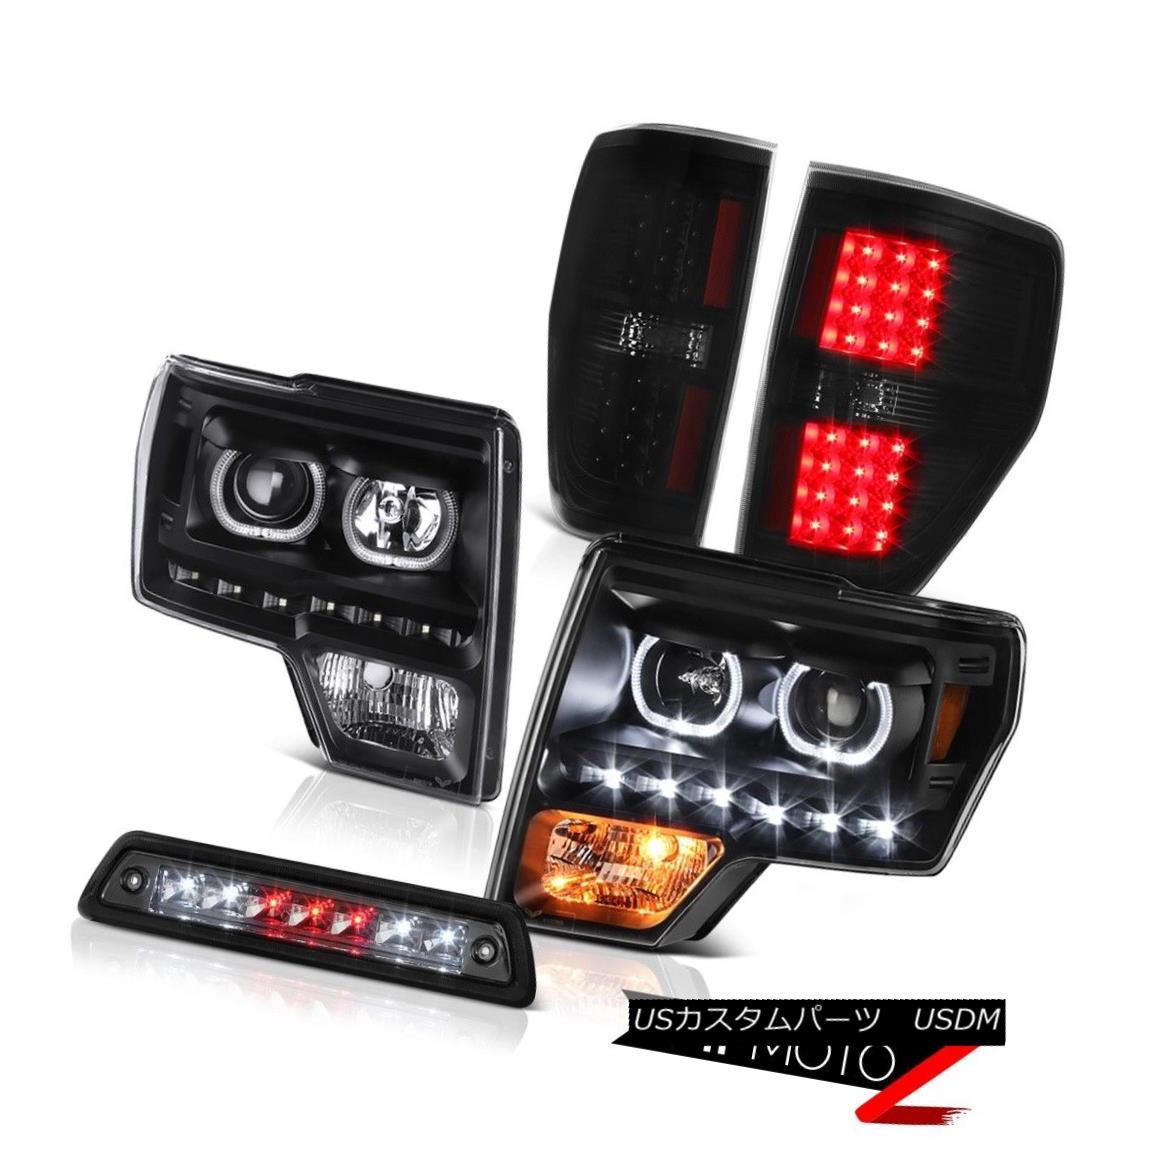 テールライト 09-14 F150 3.5L Roof cab light darkest smoke taillamps headlamps LED Angel Eyes 09-14 F150 3.5Lルーフキャブライト暗い煙テールランプヘッドランプLEDエンジェルアイズ